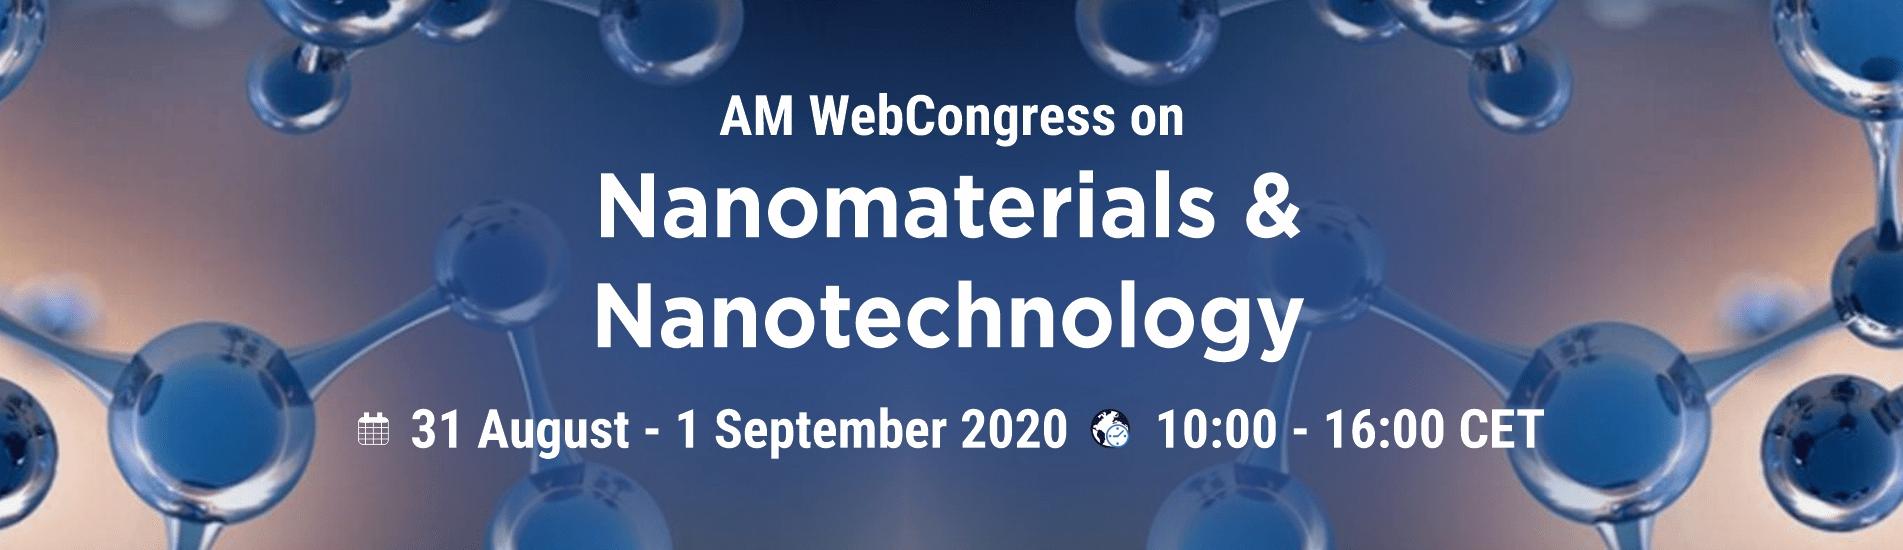 WebCongress on Nanomaterials and Nanotechnology | AMWeb | IAAM